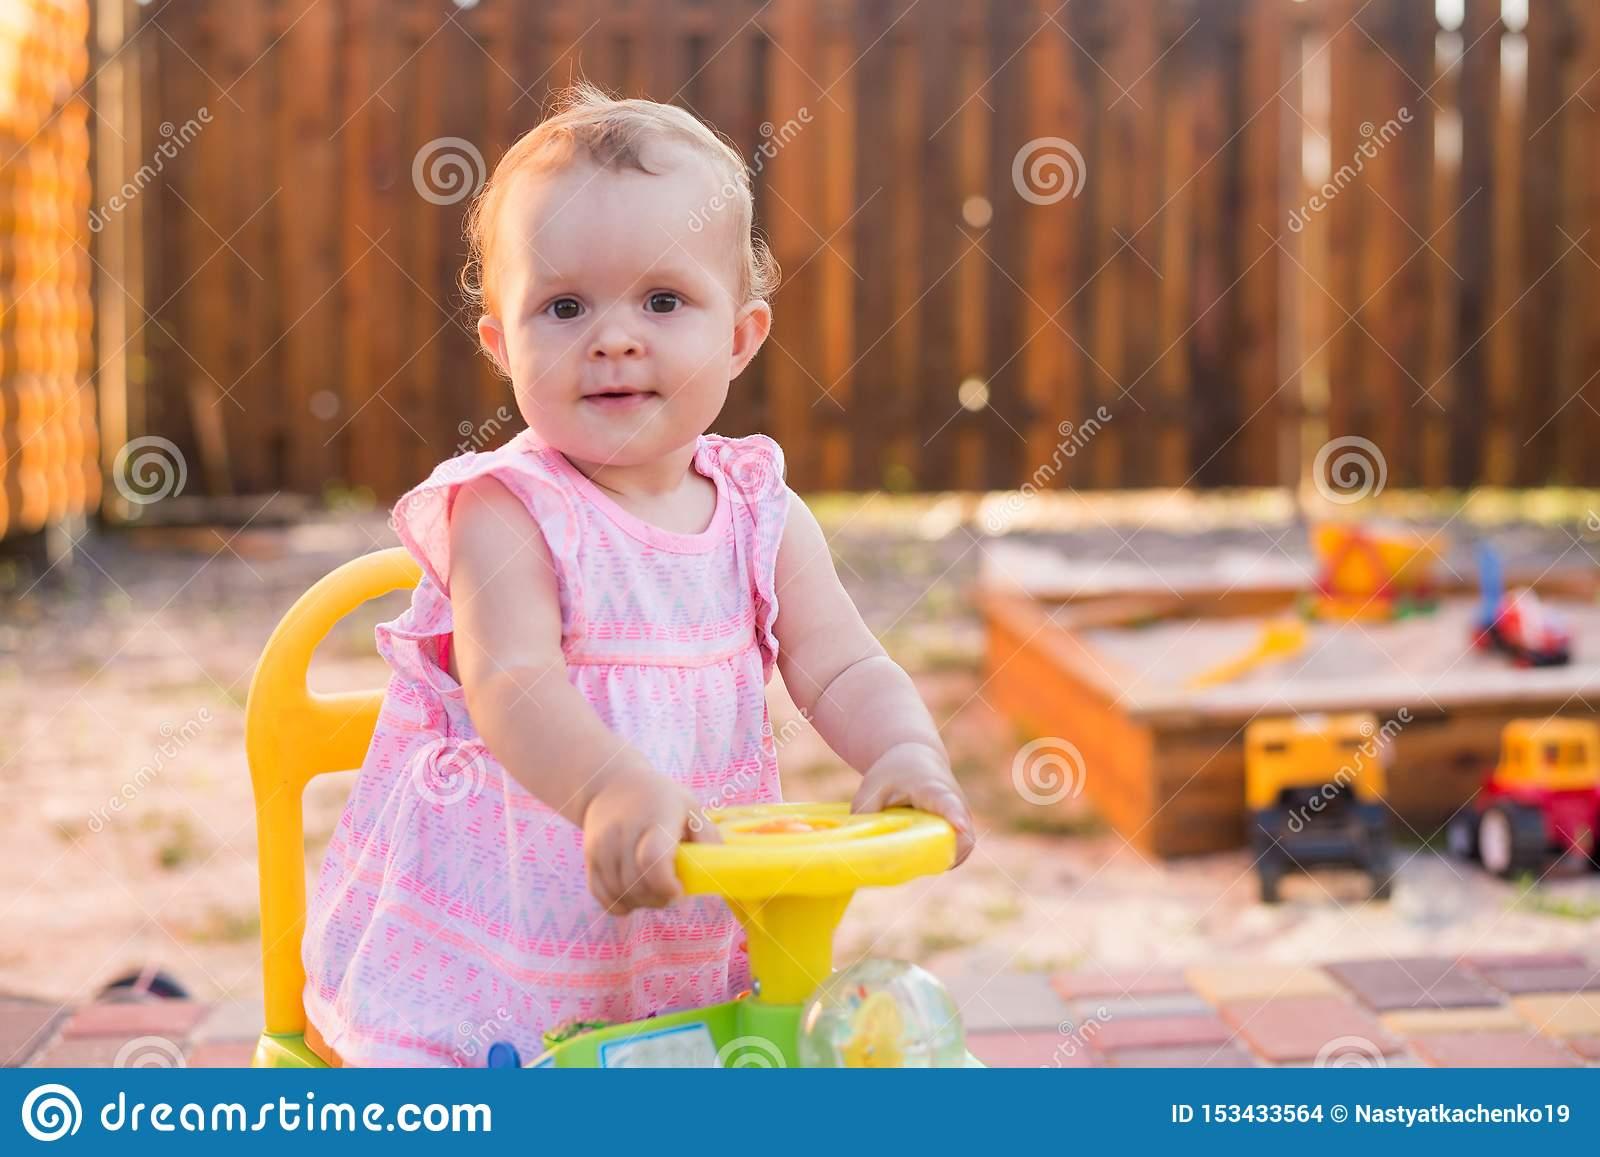 Bébé Conduisant Une Voiture De Jouet Au Terrain De Jeu tout Jeux Pour Voiture Bébé